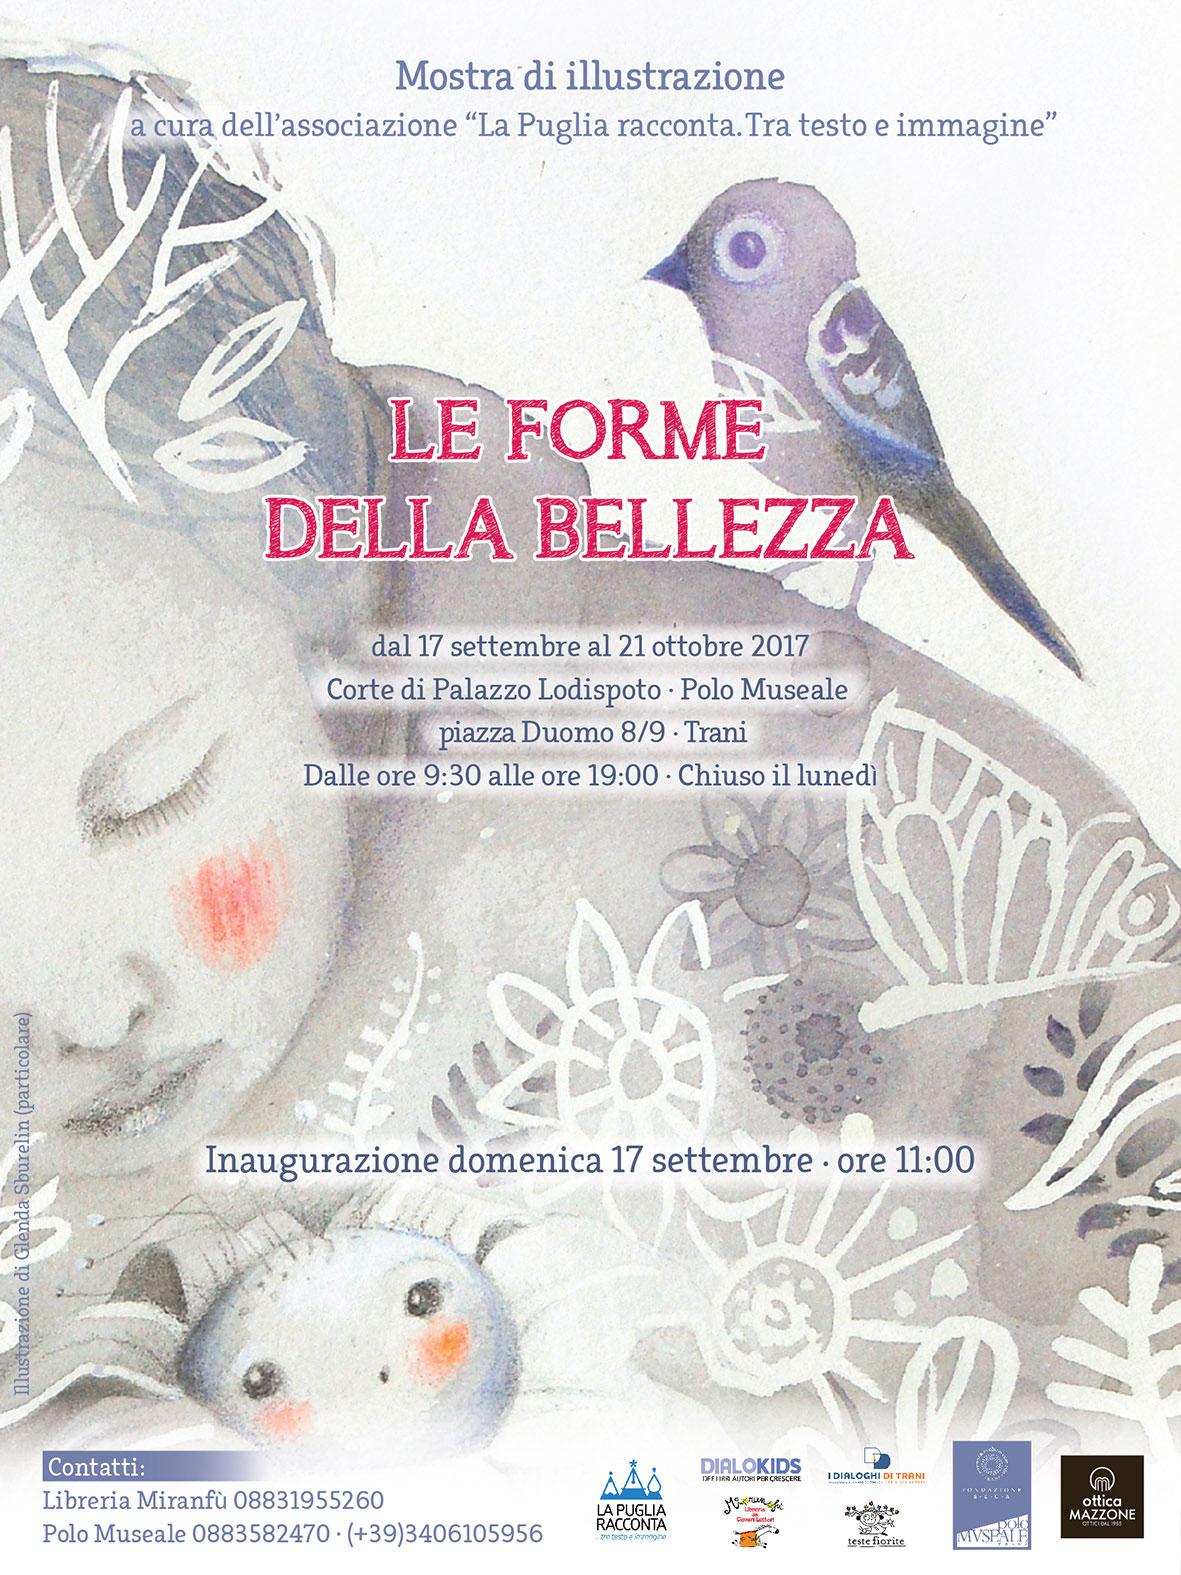 Locandina_forme-bellezza-copia.jpg